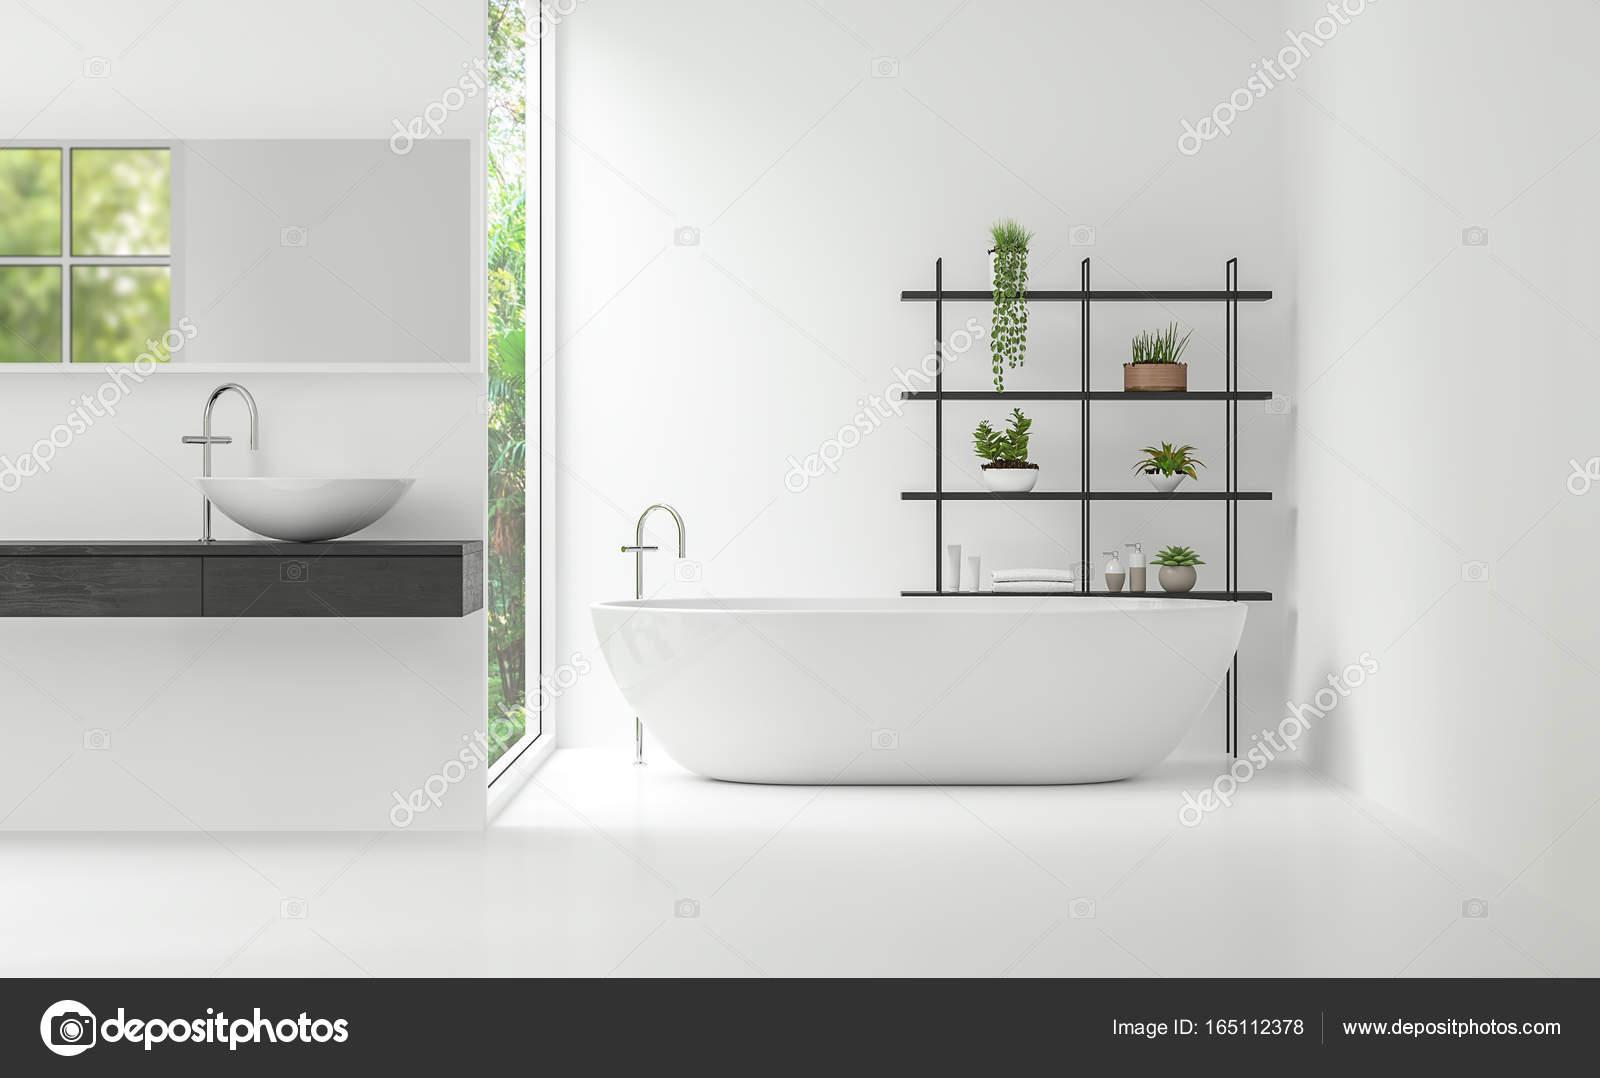 Immagine di rendering d interni stile minimal moderno bagno